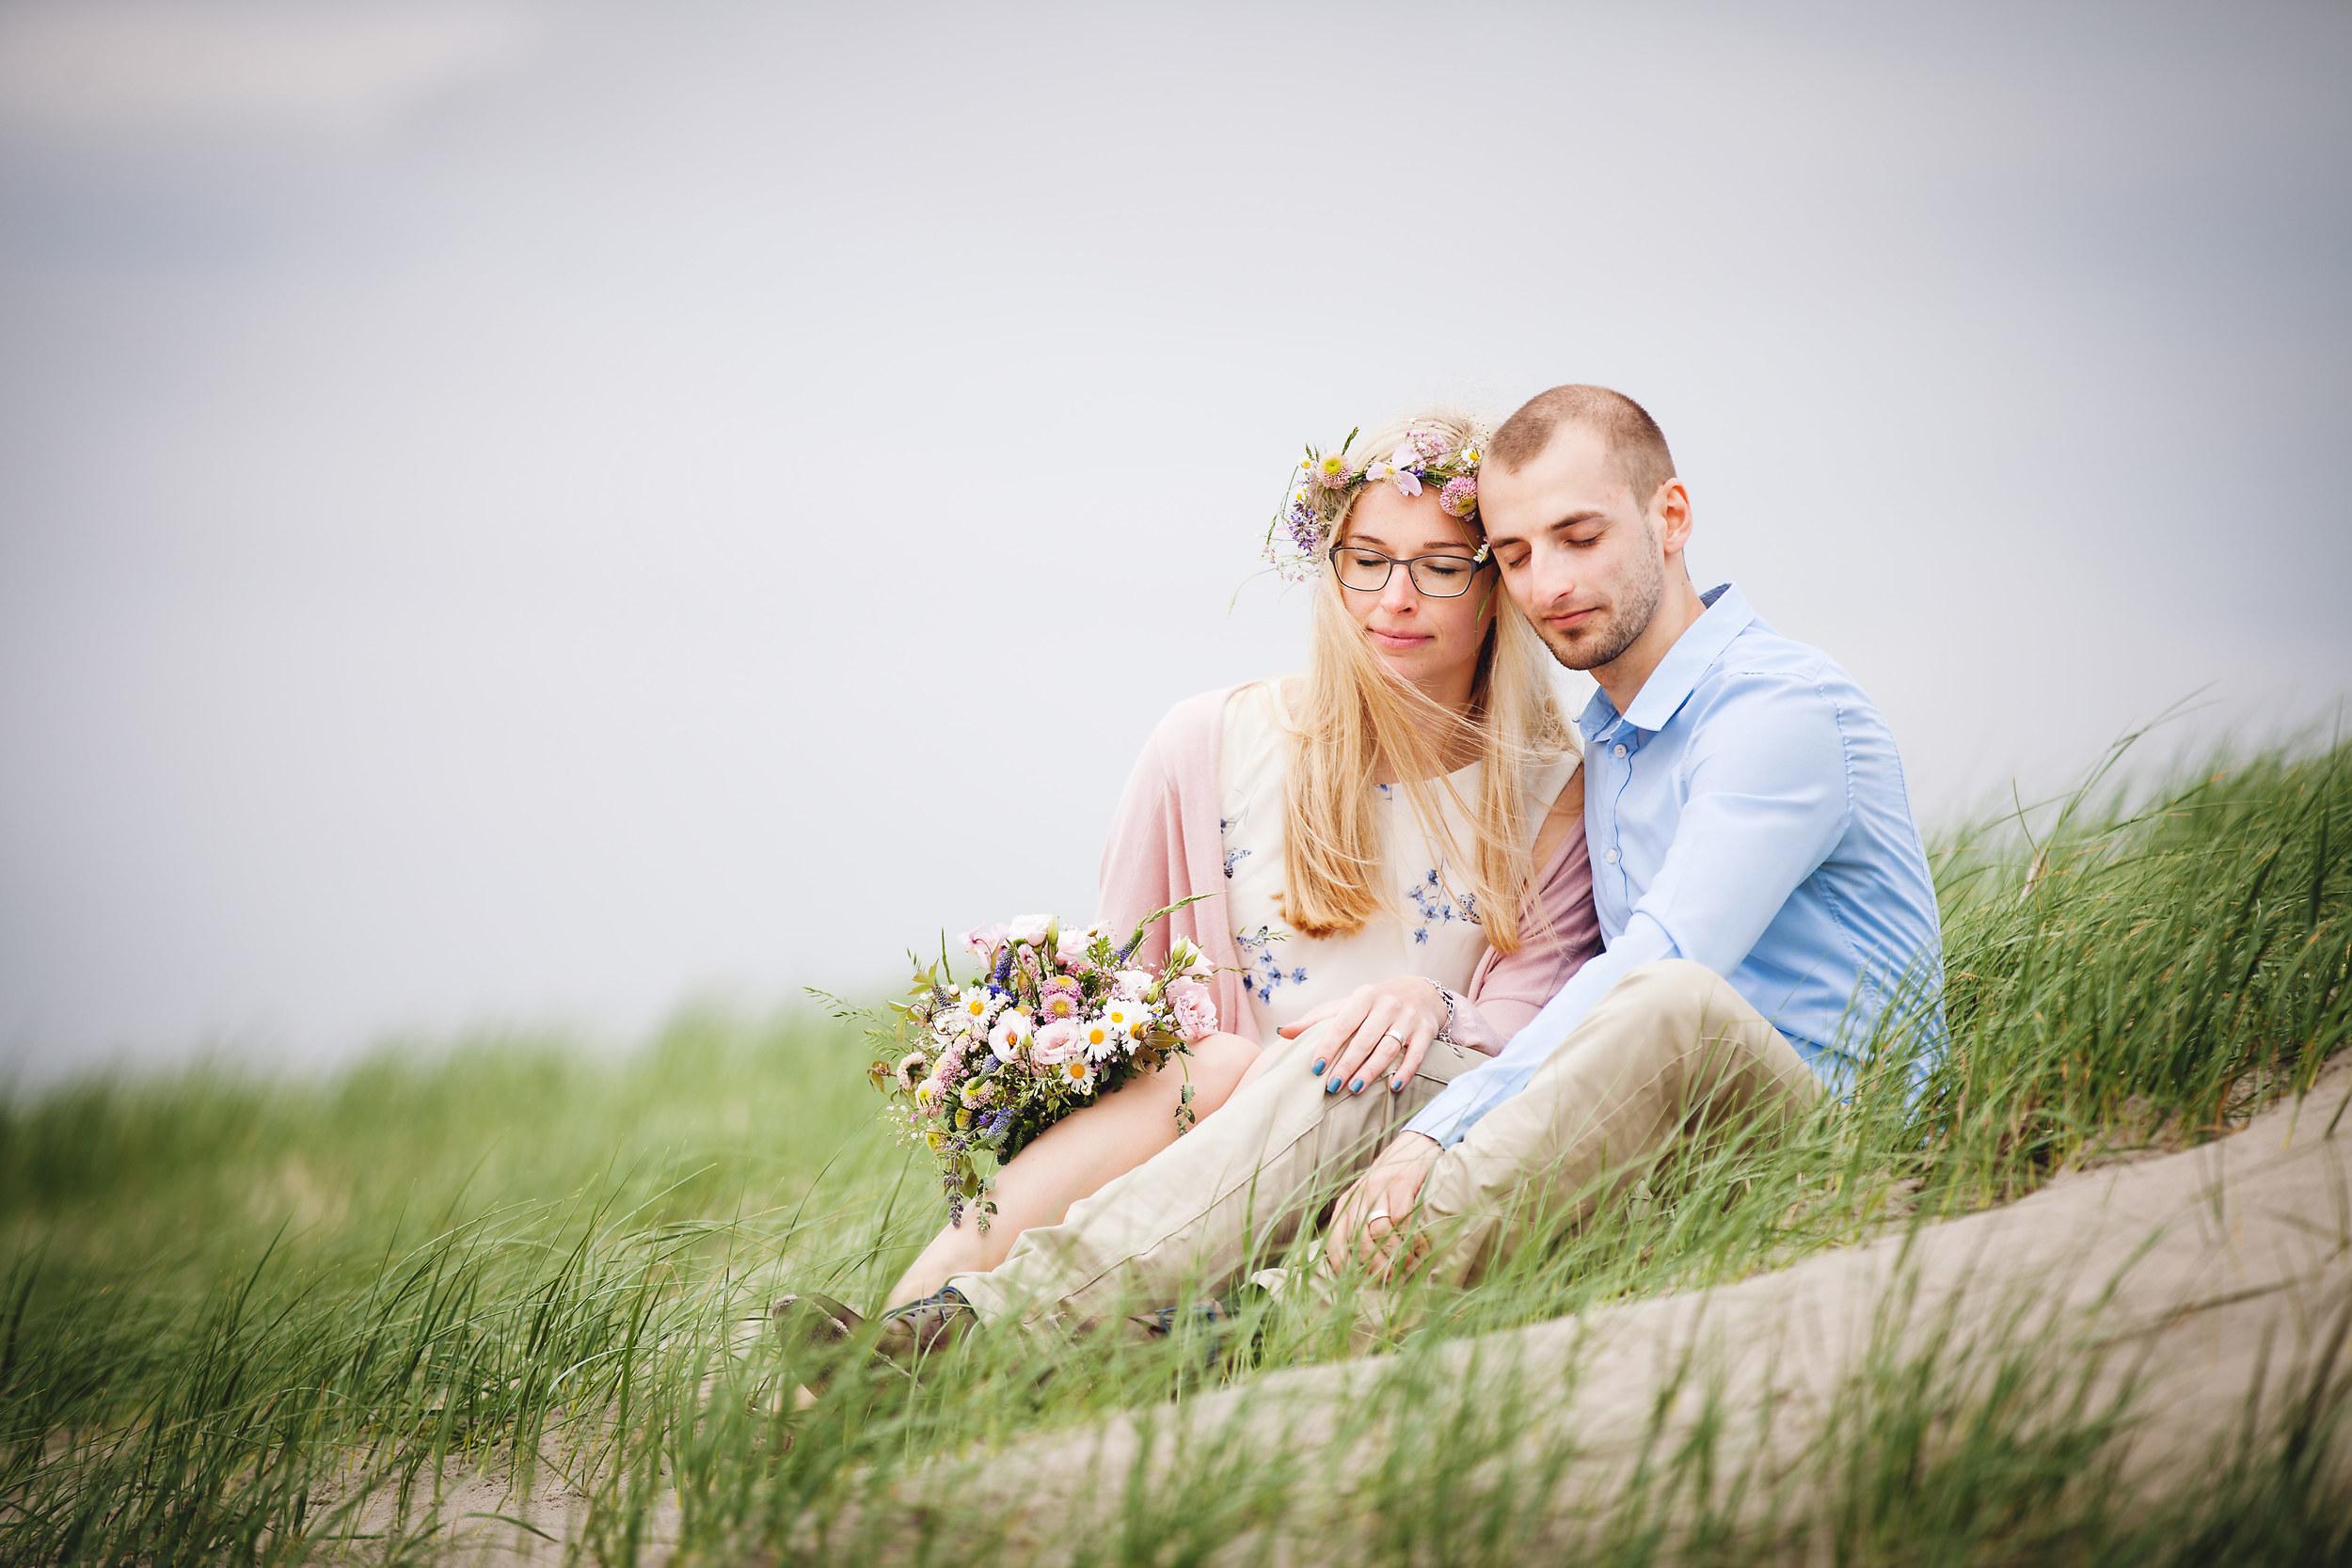 Janine-und-Martin-Verlobungsshooting74.jpg